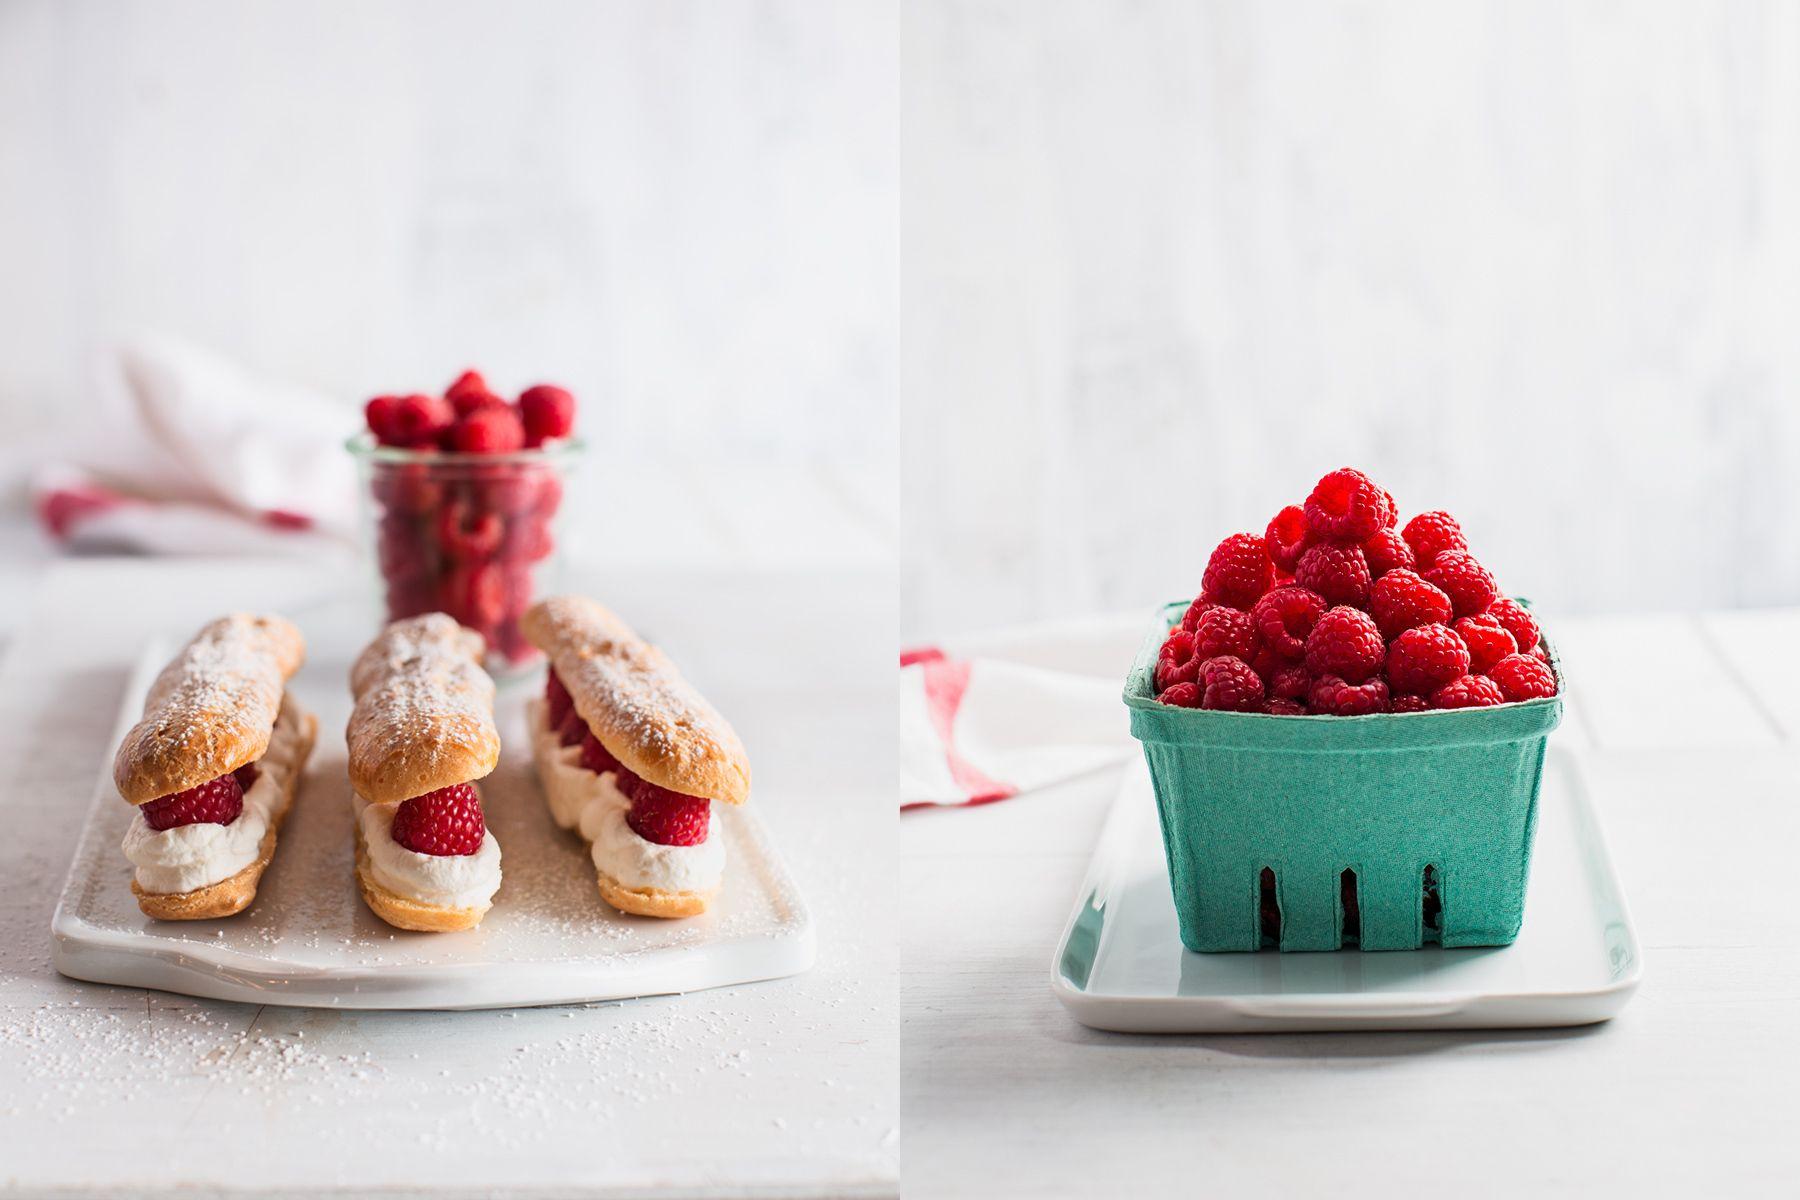 15_1attberries.jpg